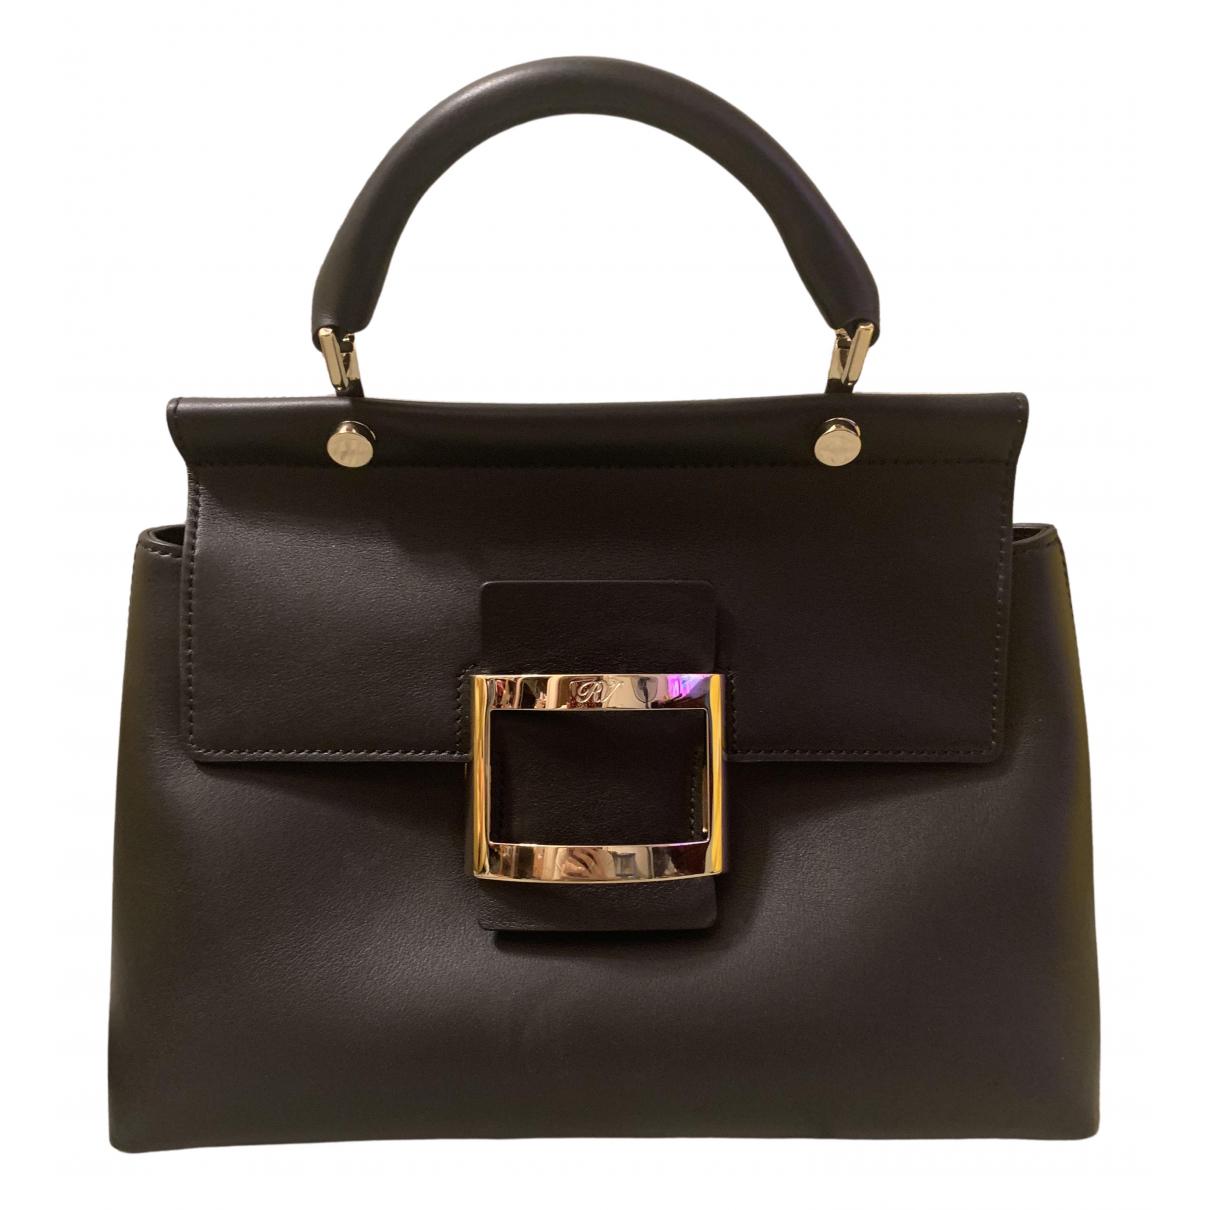 Roger Vivier \N Black Leather handbag for Women \N